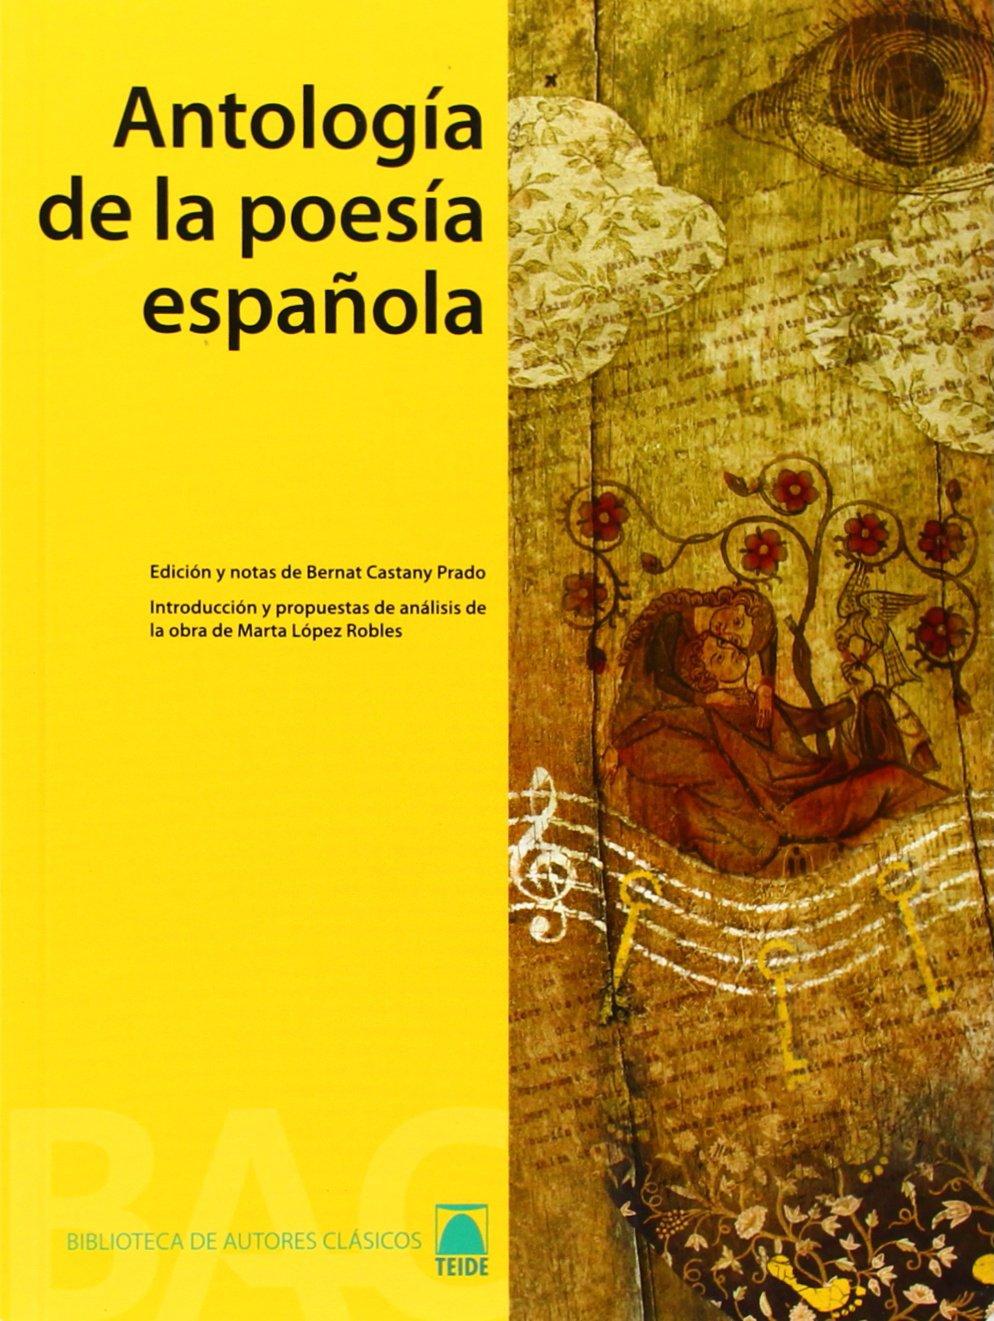 Antología de la poesía española. Biblioteca de Autores Clásicos 001: Amazon.es: Fortuny Giné, Joan Baptista, López Robles, Marta, Martí Raüll, Salvador: Libros